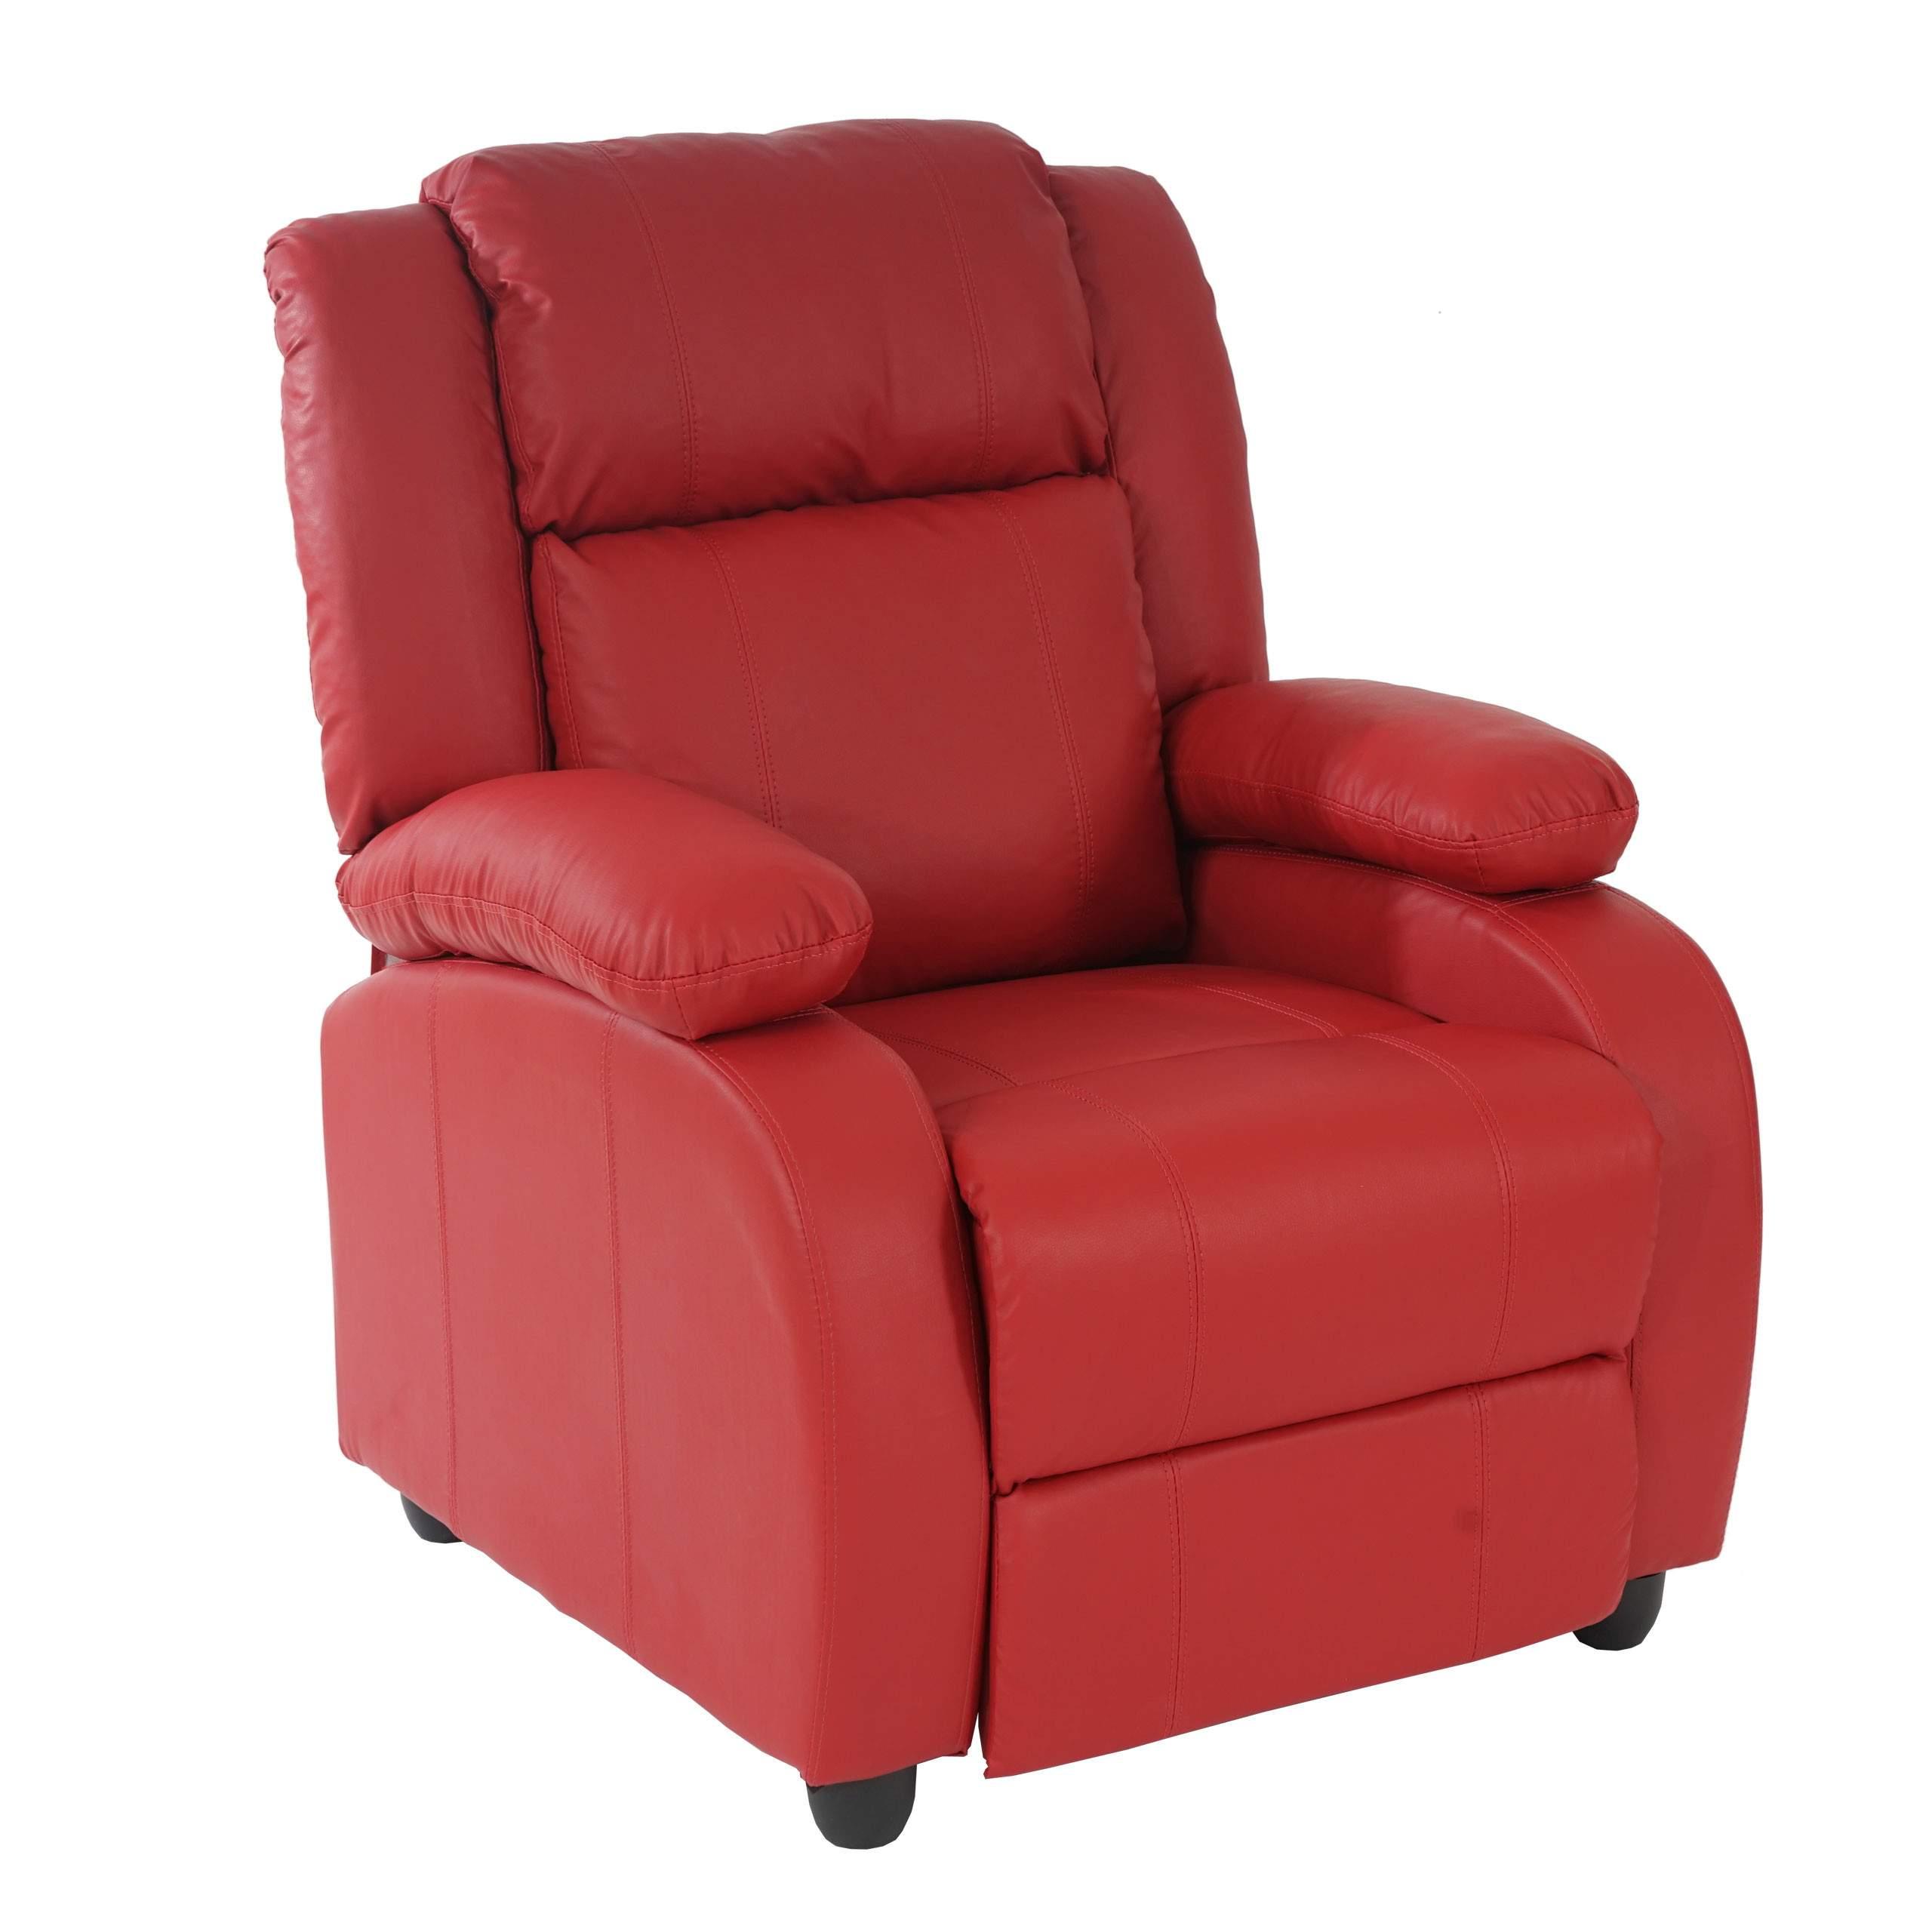 52 beliebt design ideen relaxsessel rot pd3kaewb of fernsehsessel relaxsessel